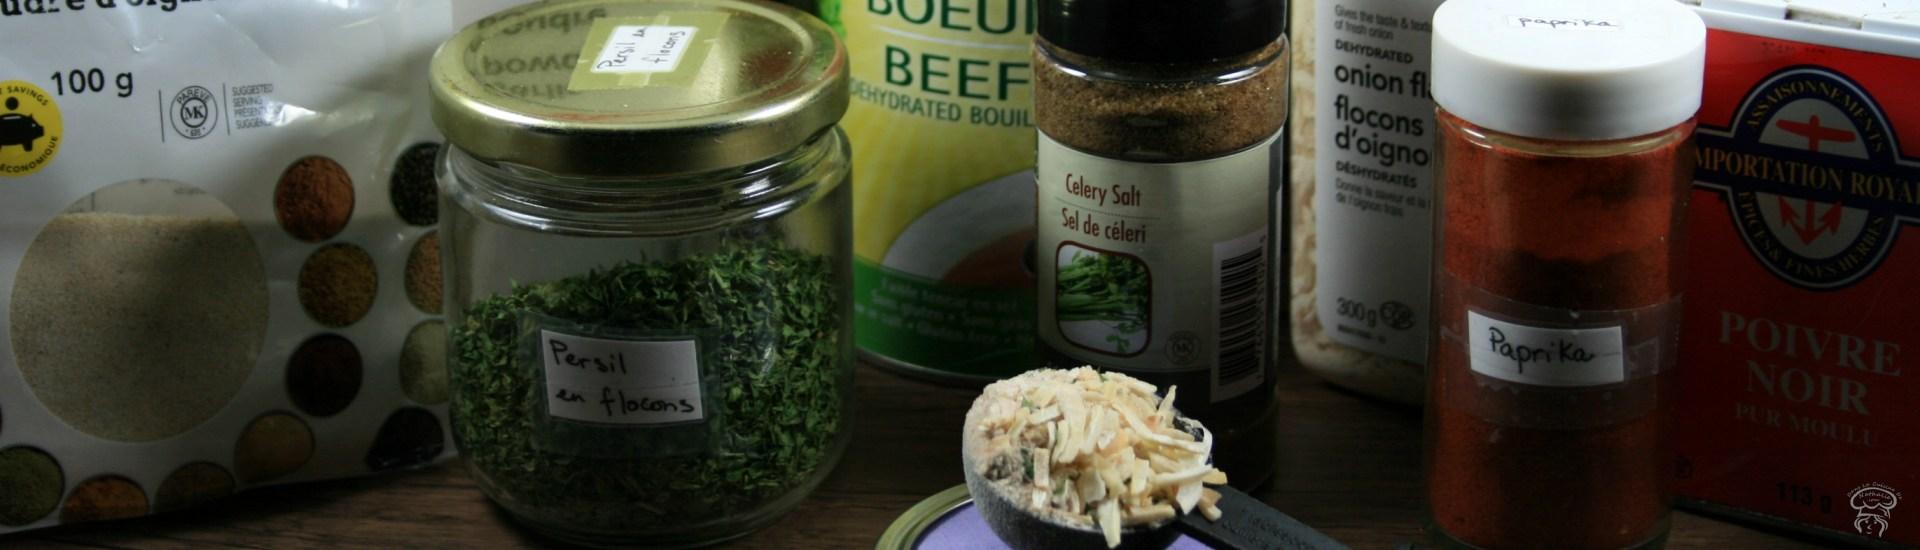 Substitut: Sachet de soupe à l'oignon